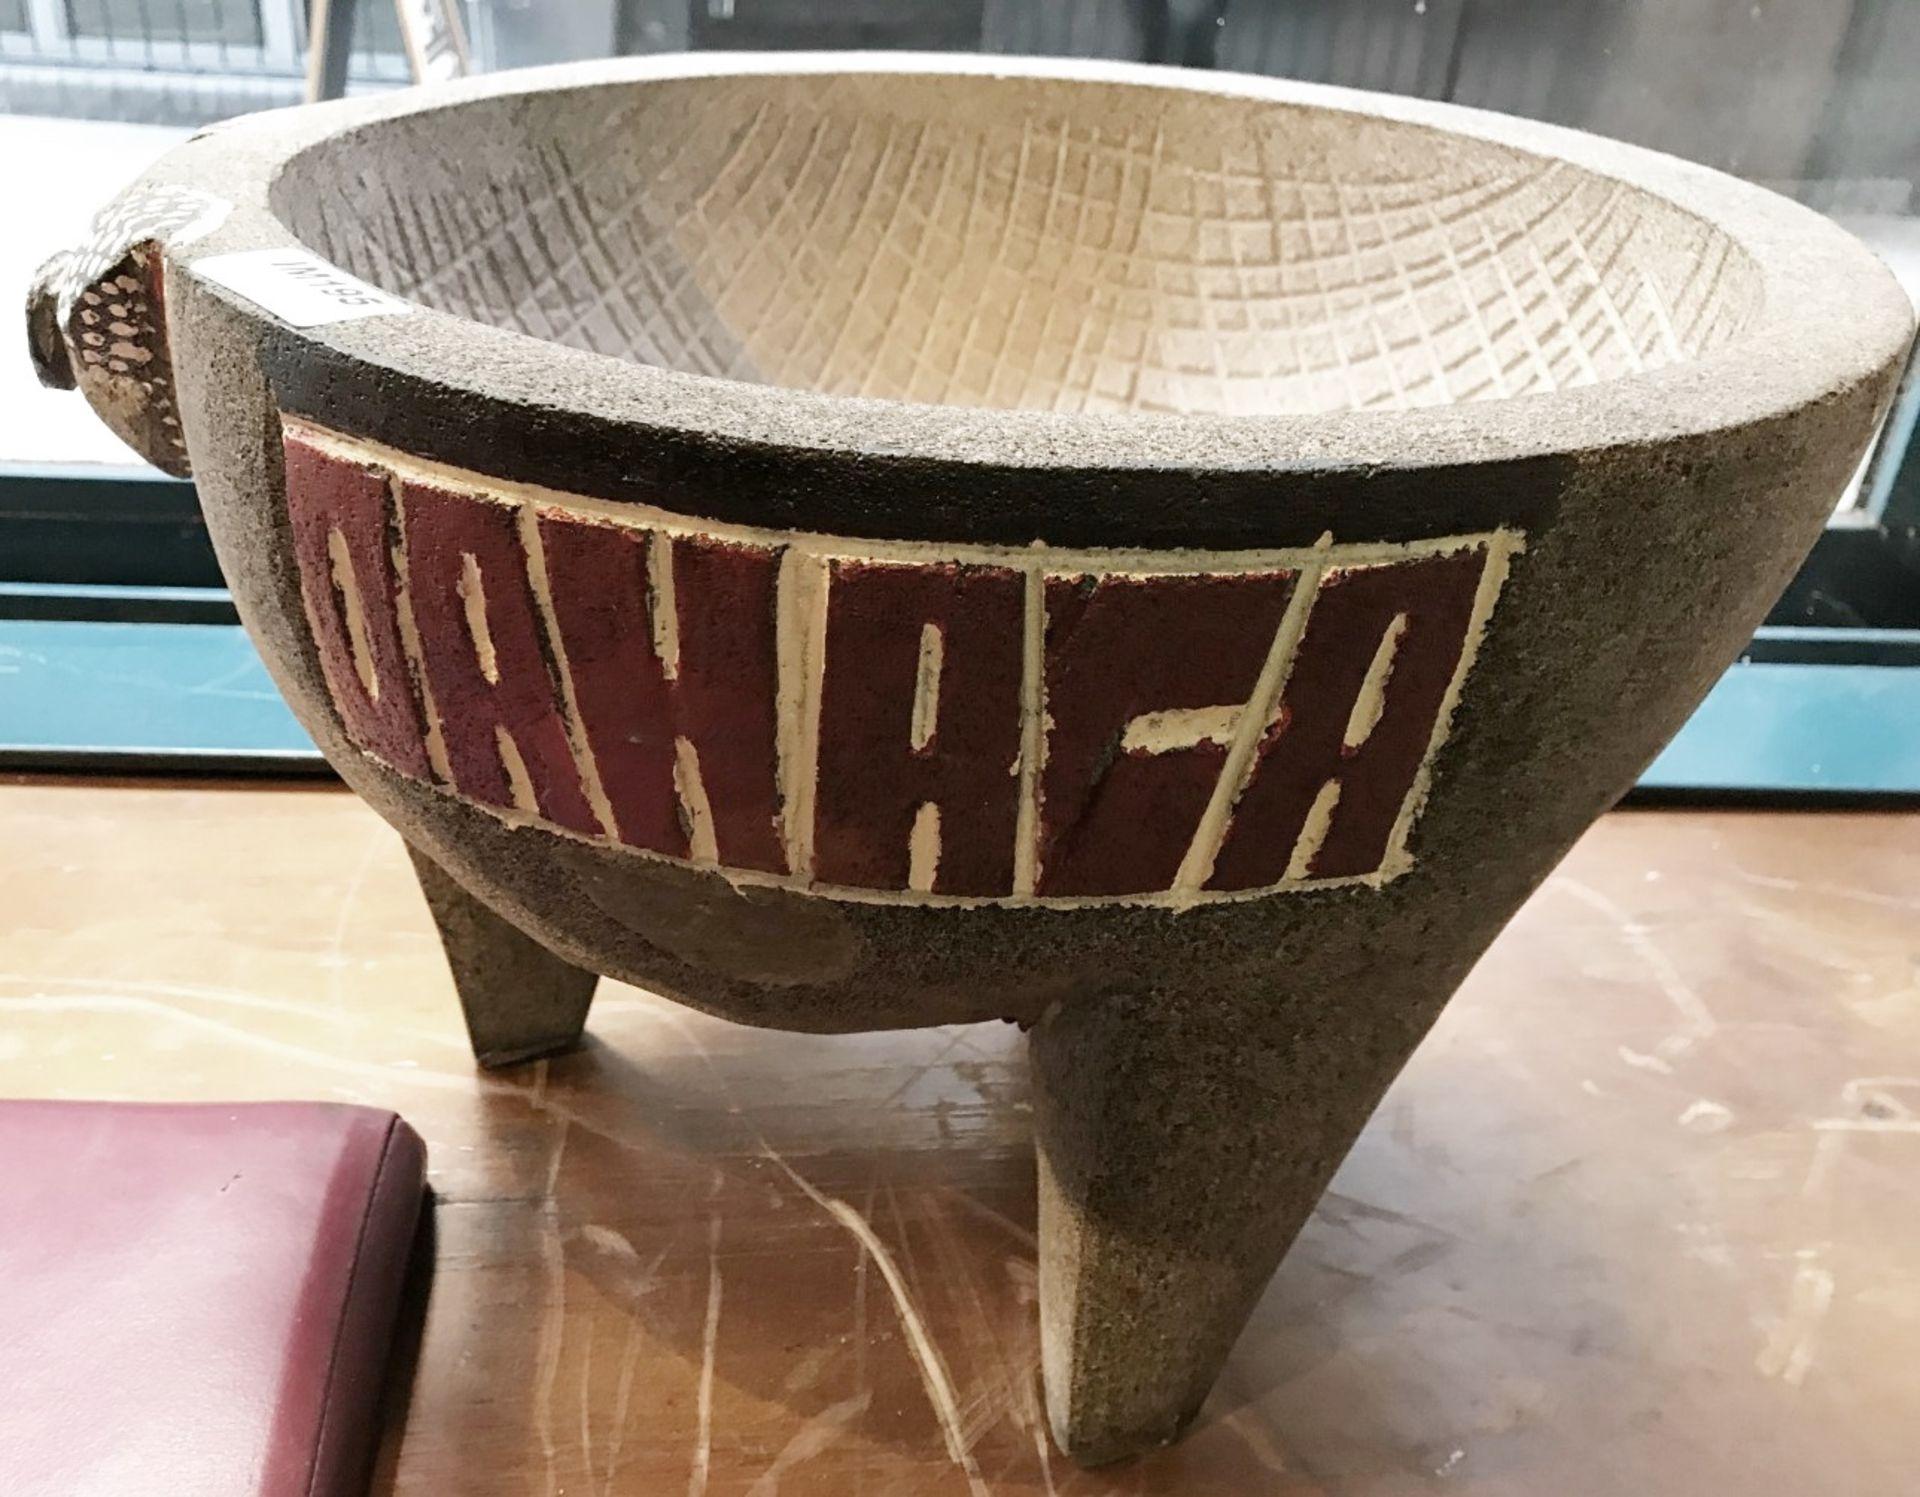 1 x Stone Pig Style Dahaca Folk Art Griding Bowl - Size H30 x W40 cms - CL554 - Ref IM195 - - Image 2 of 5